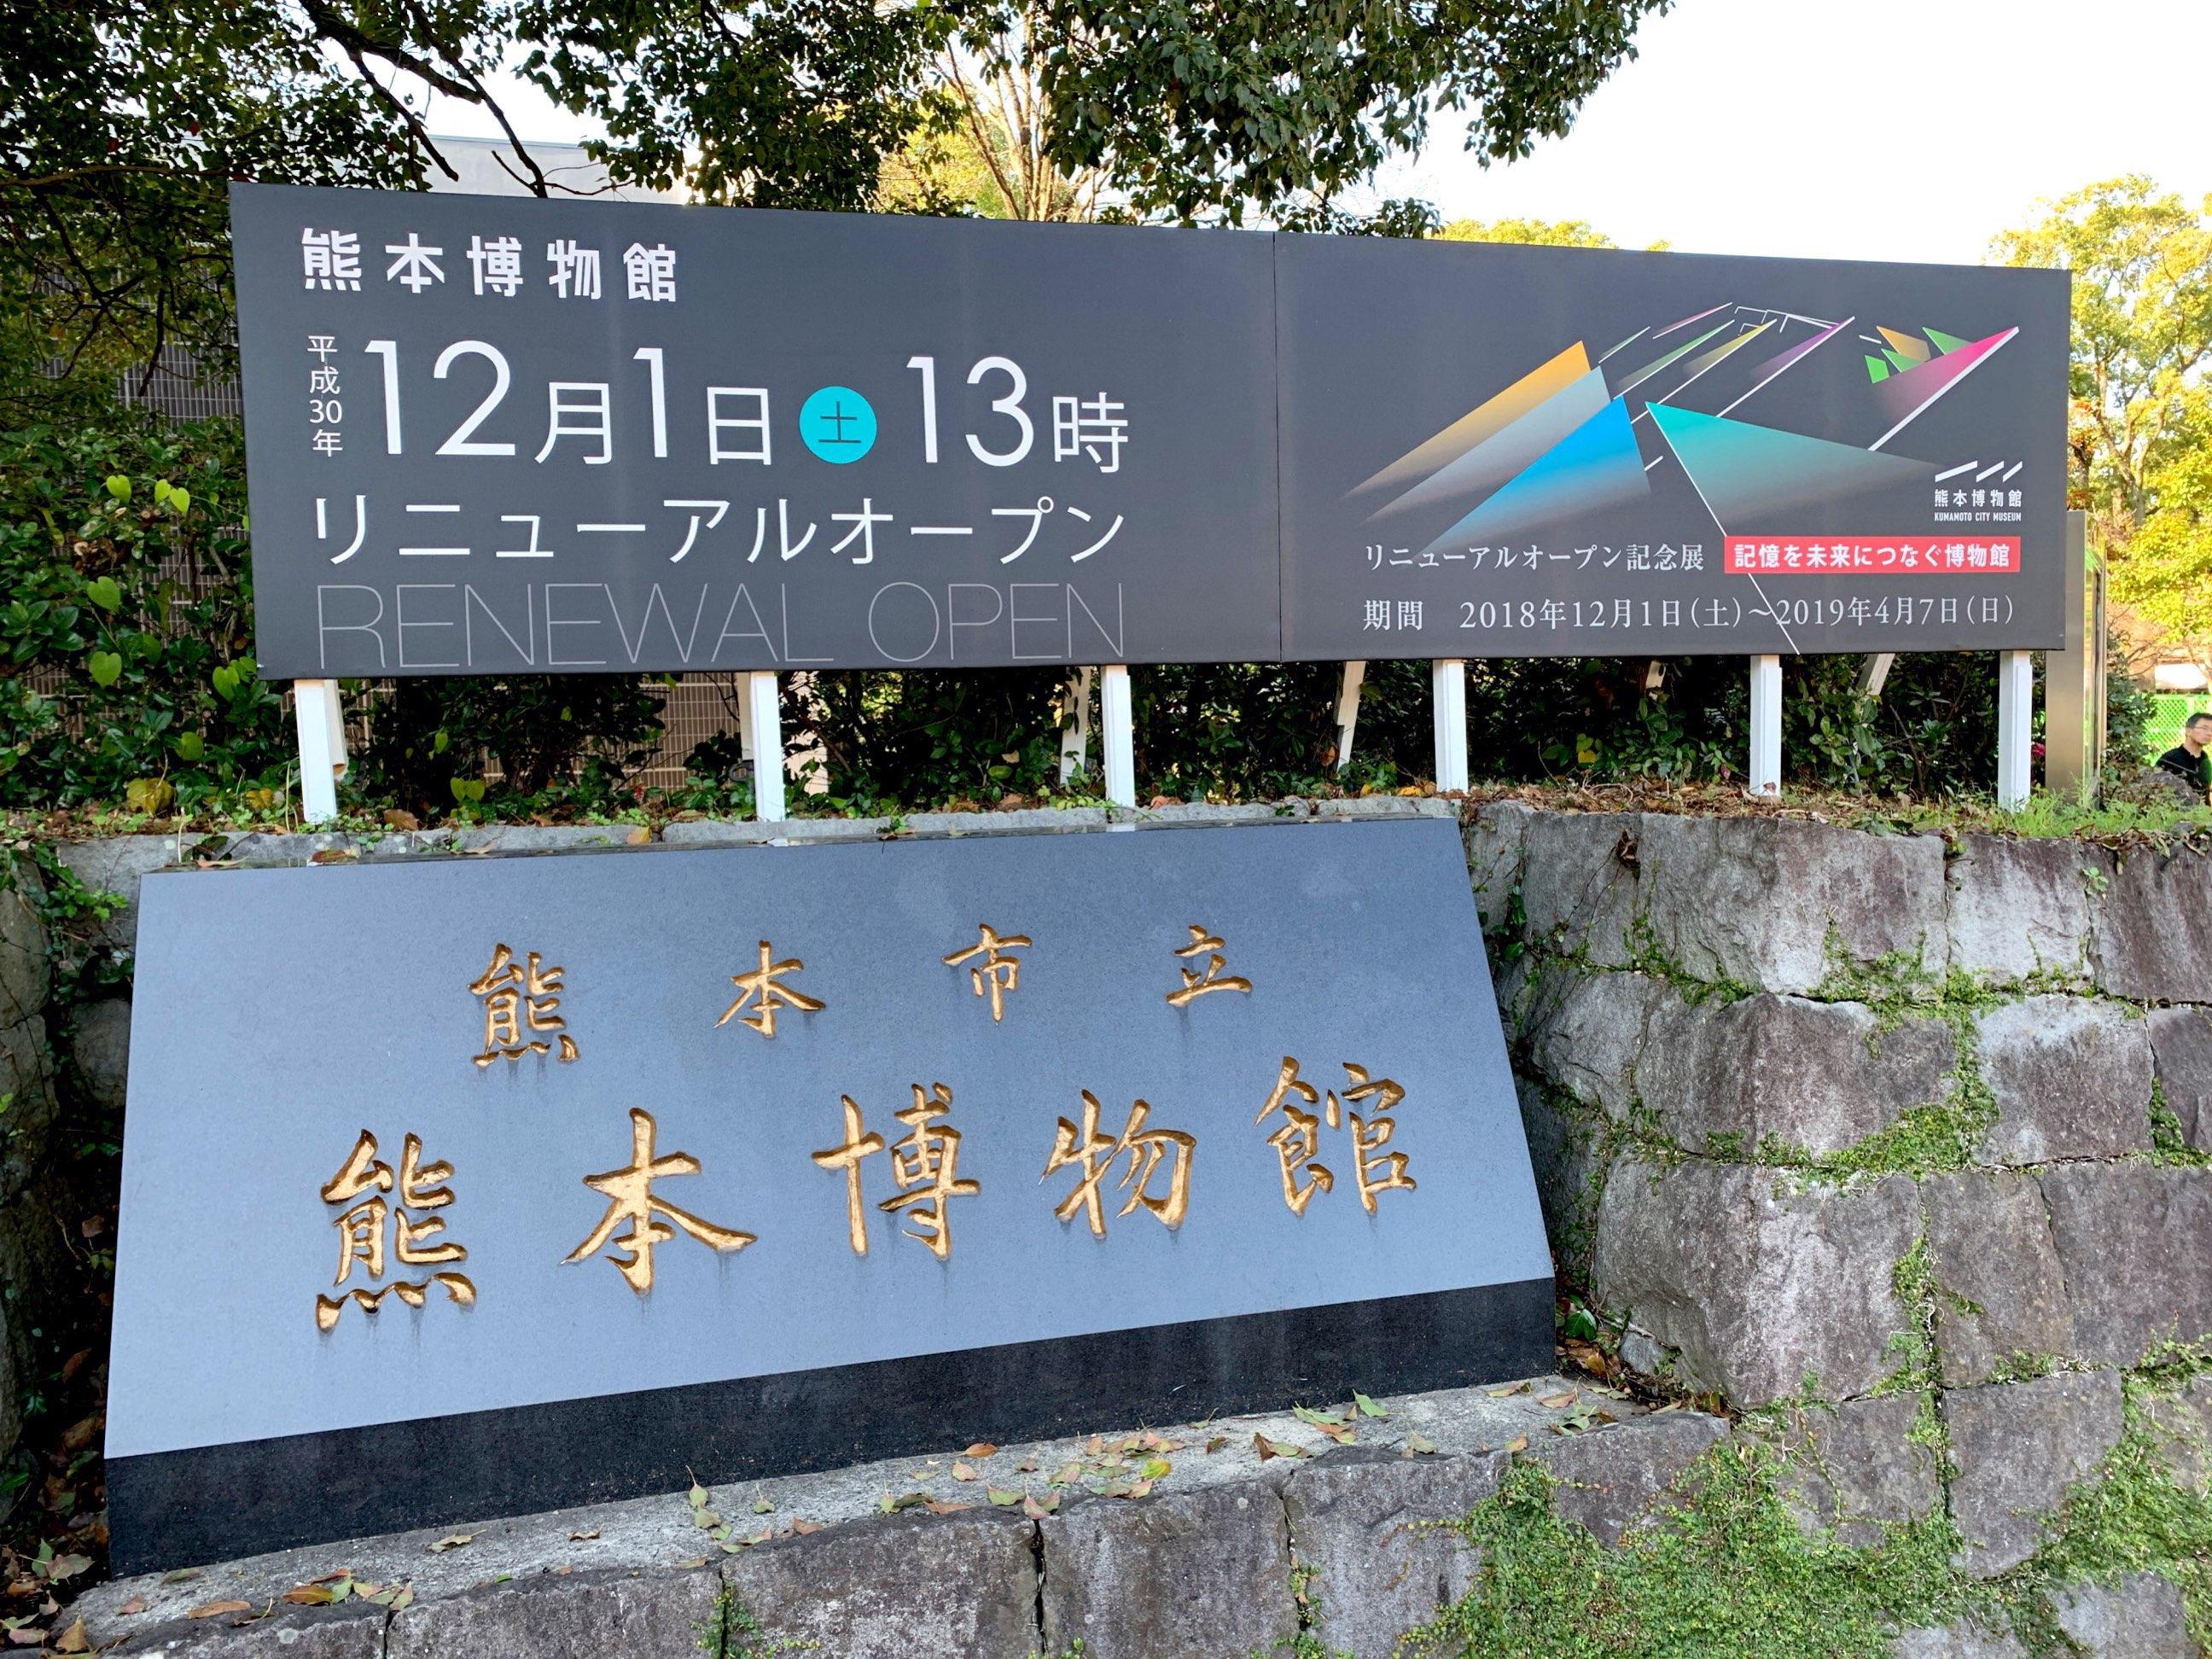 【リニューアルOPEN】熊本博物館へ行ってみた!プラネタリウムも!